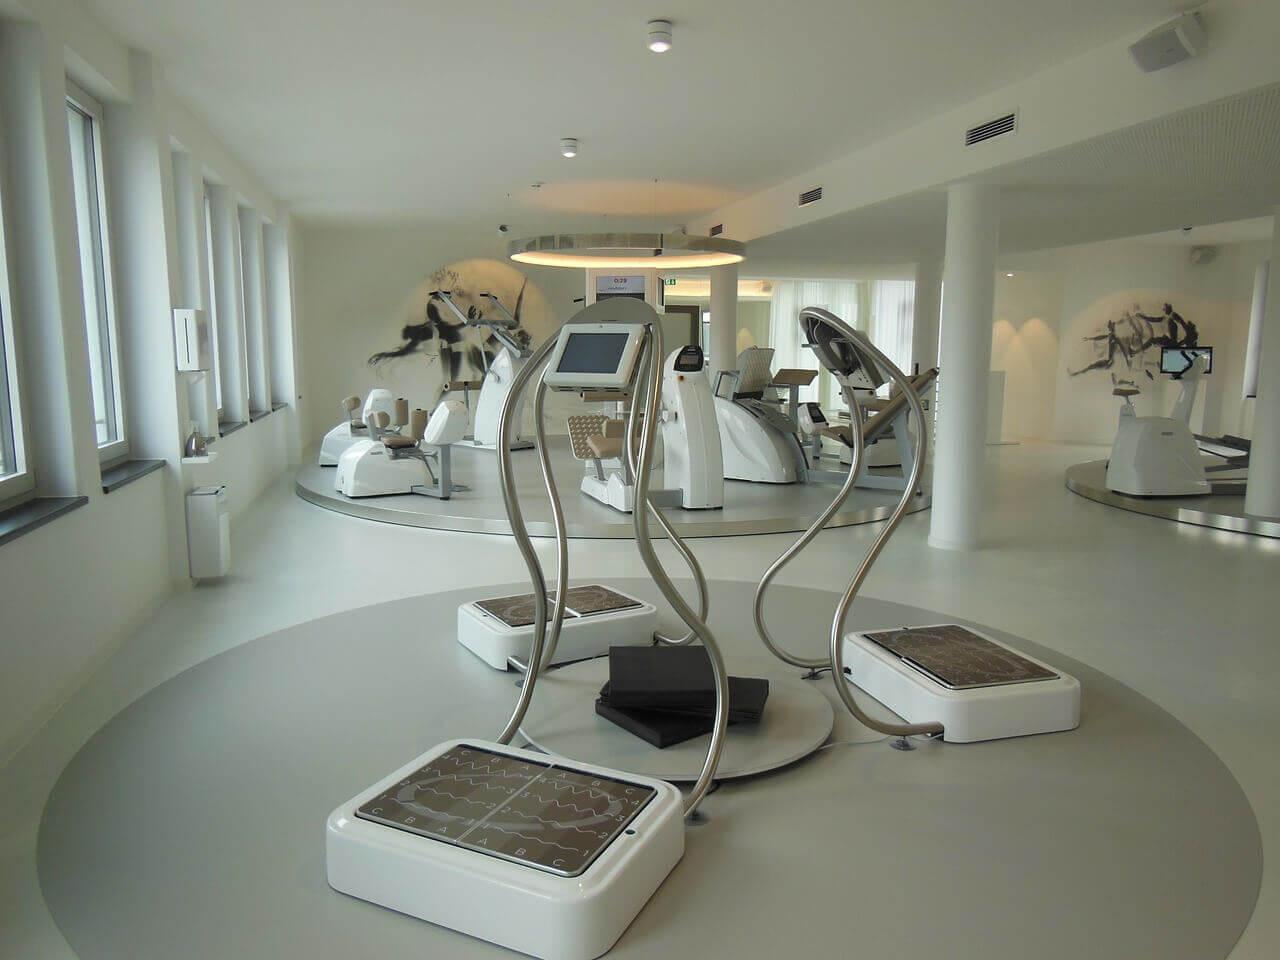 Vorteile Vibrationsplatte Gesund und Fit leben